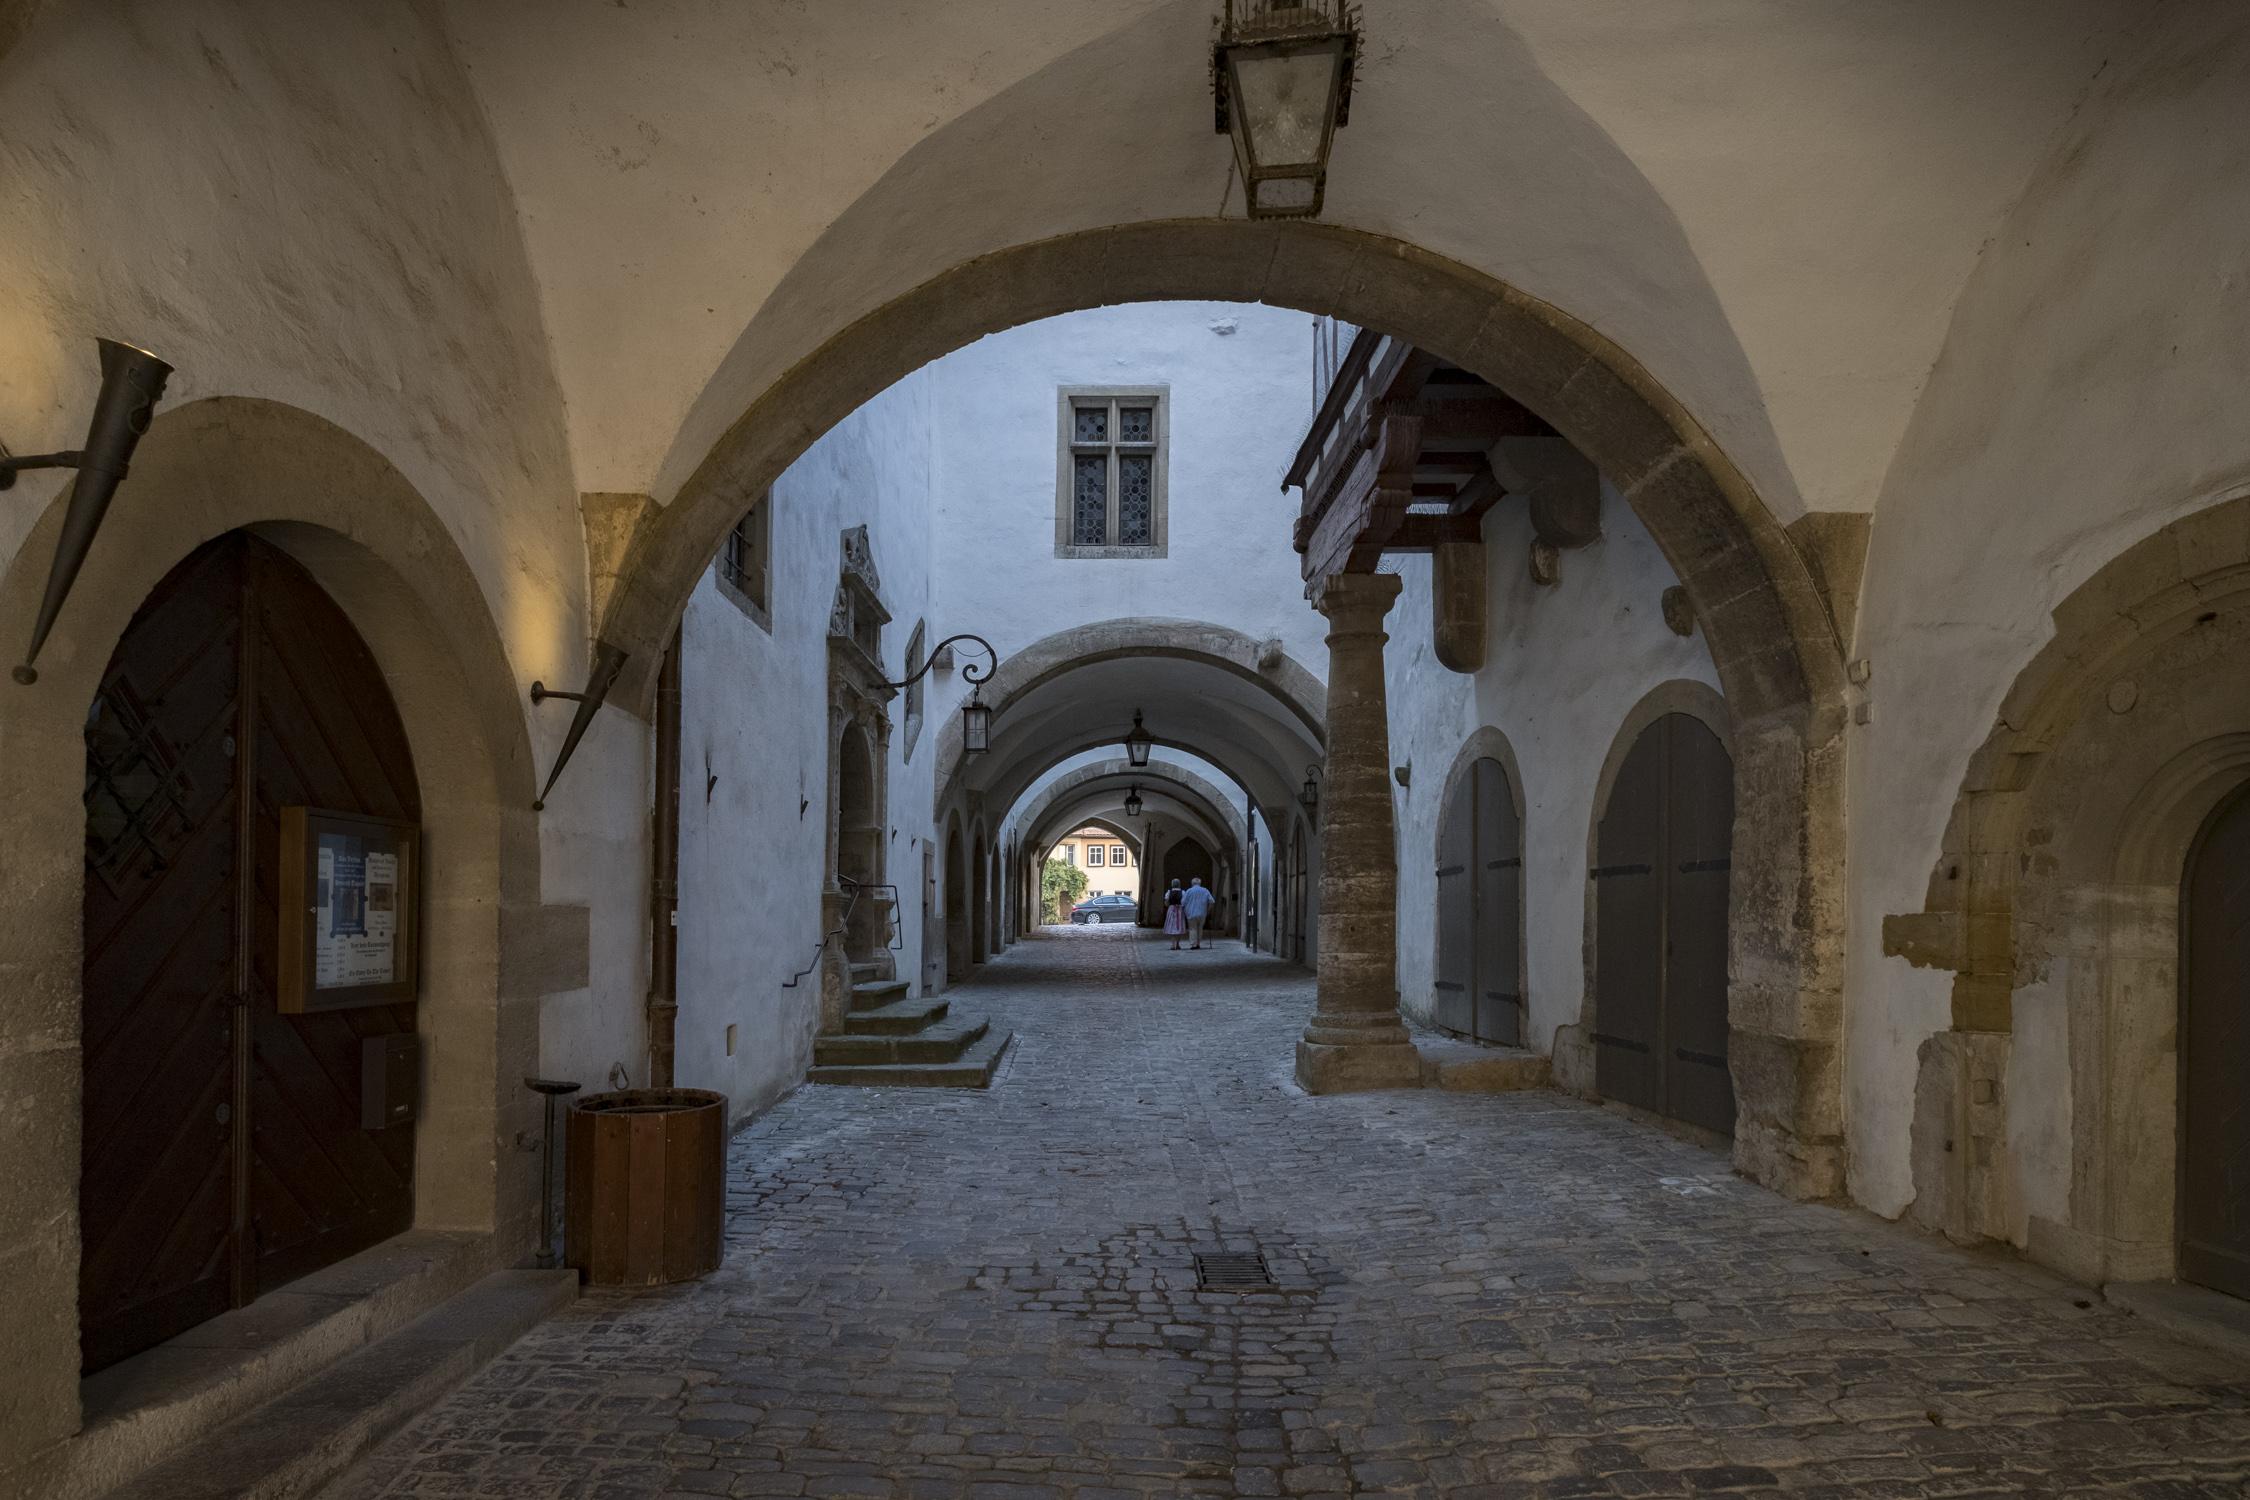 Historiengewölbe im Rathaustrakt